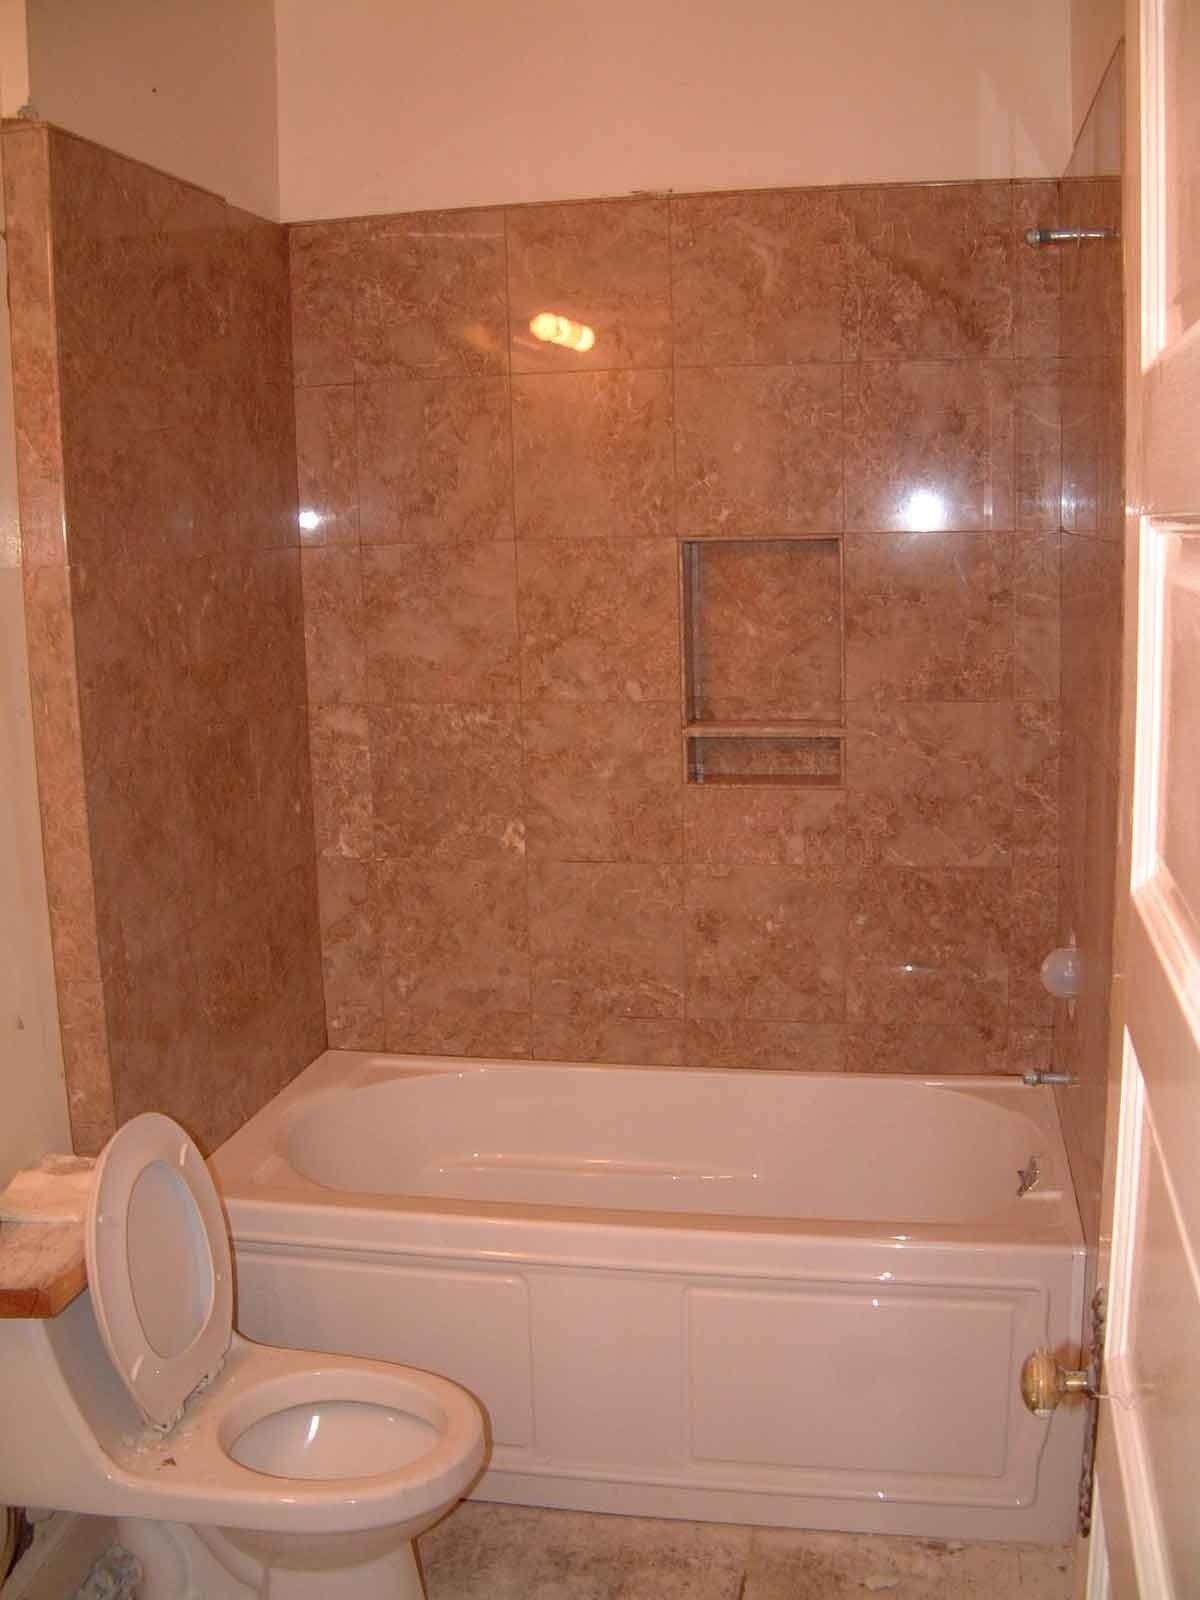 10 Amazing Bathtub Ideas For A Small Bathroom bathtubs for small bathrooms ideas natural bathroom short size deep 2020